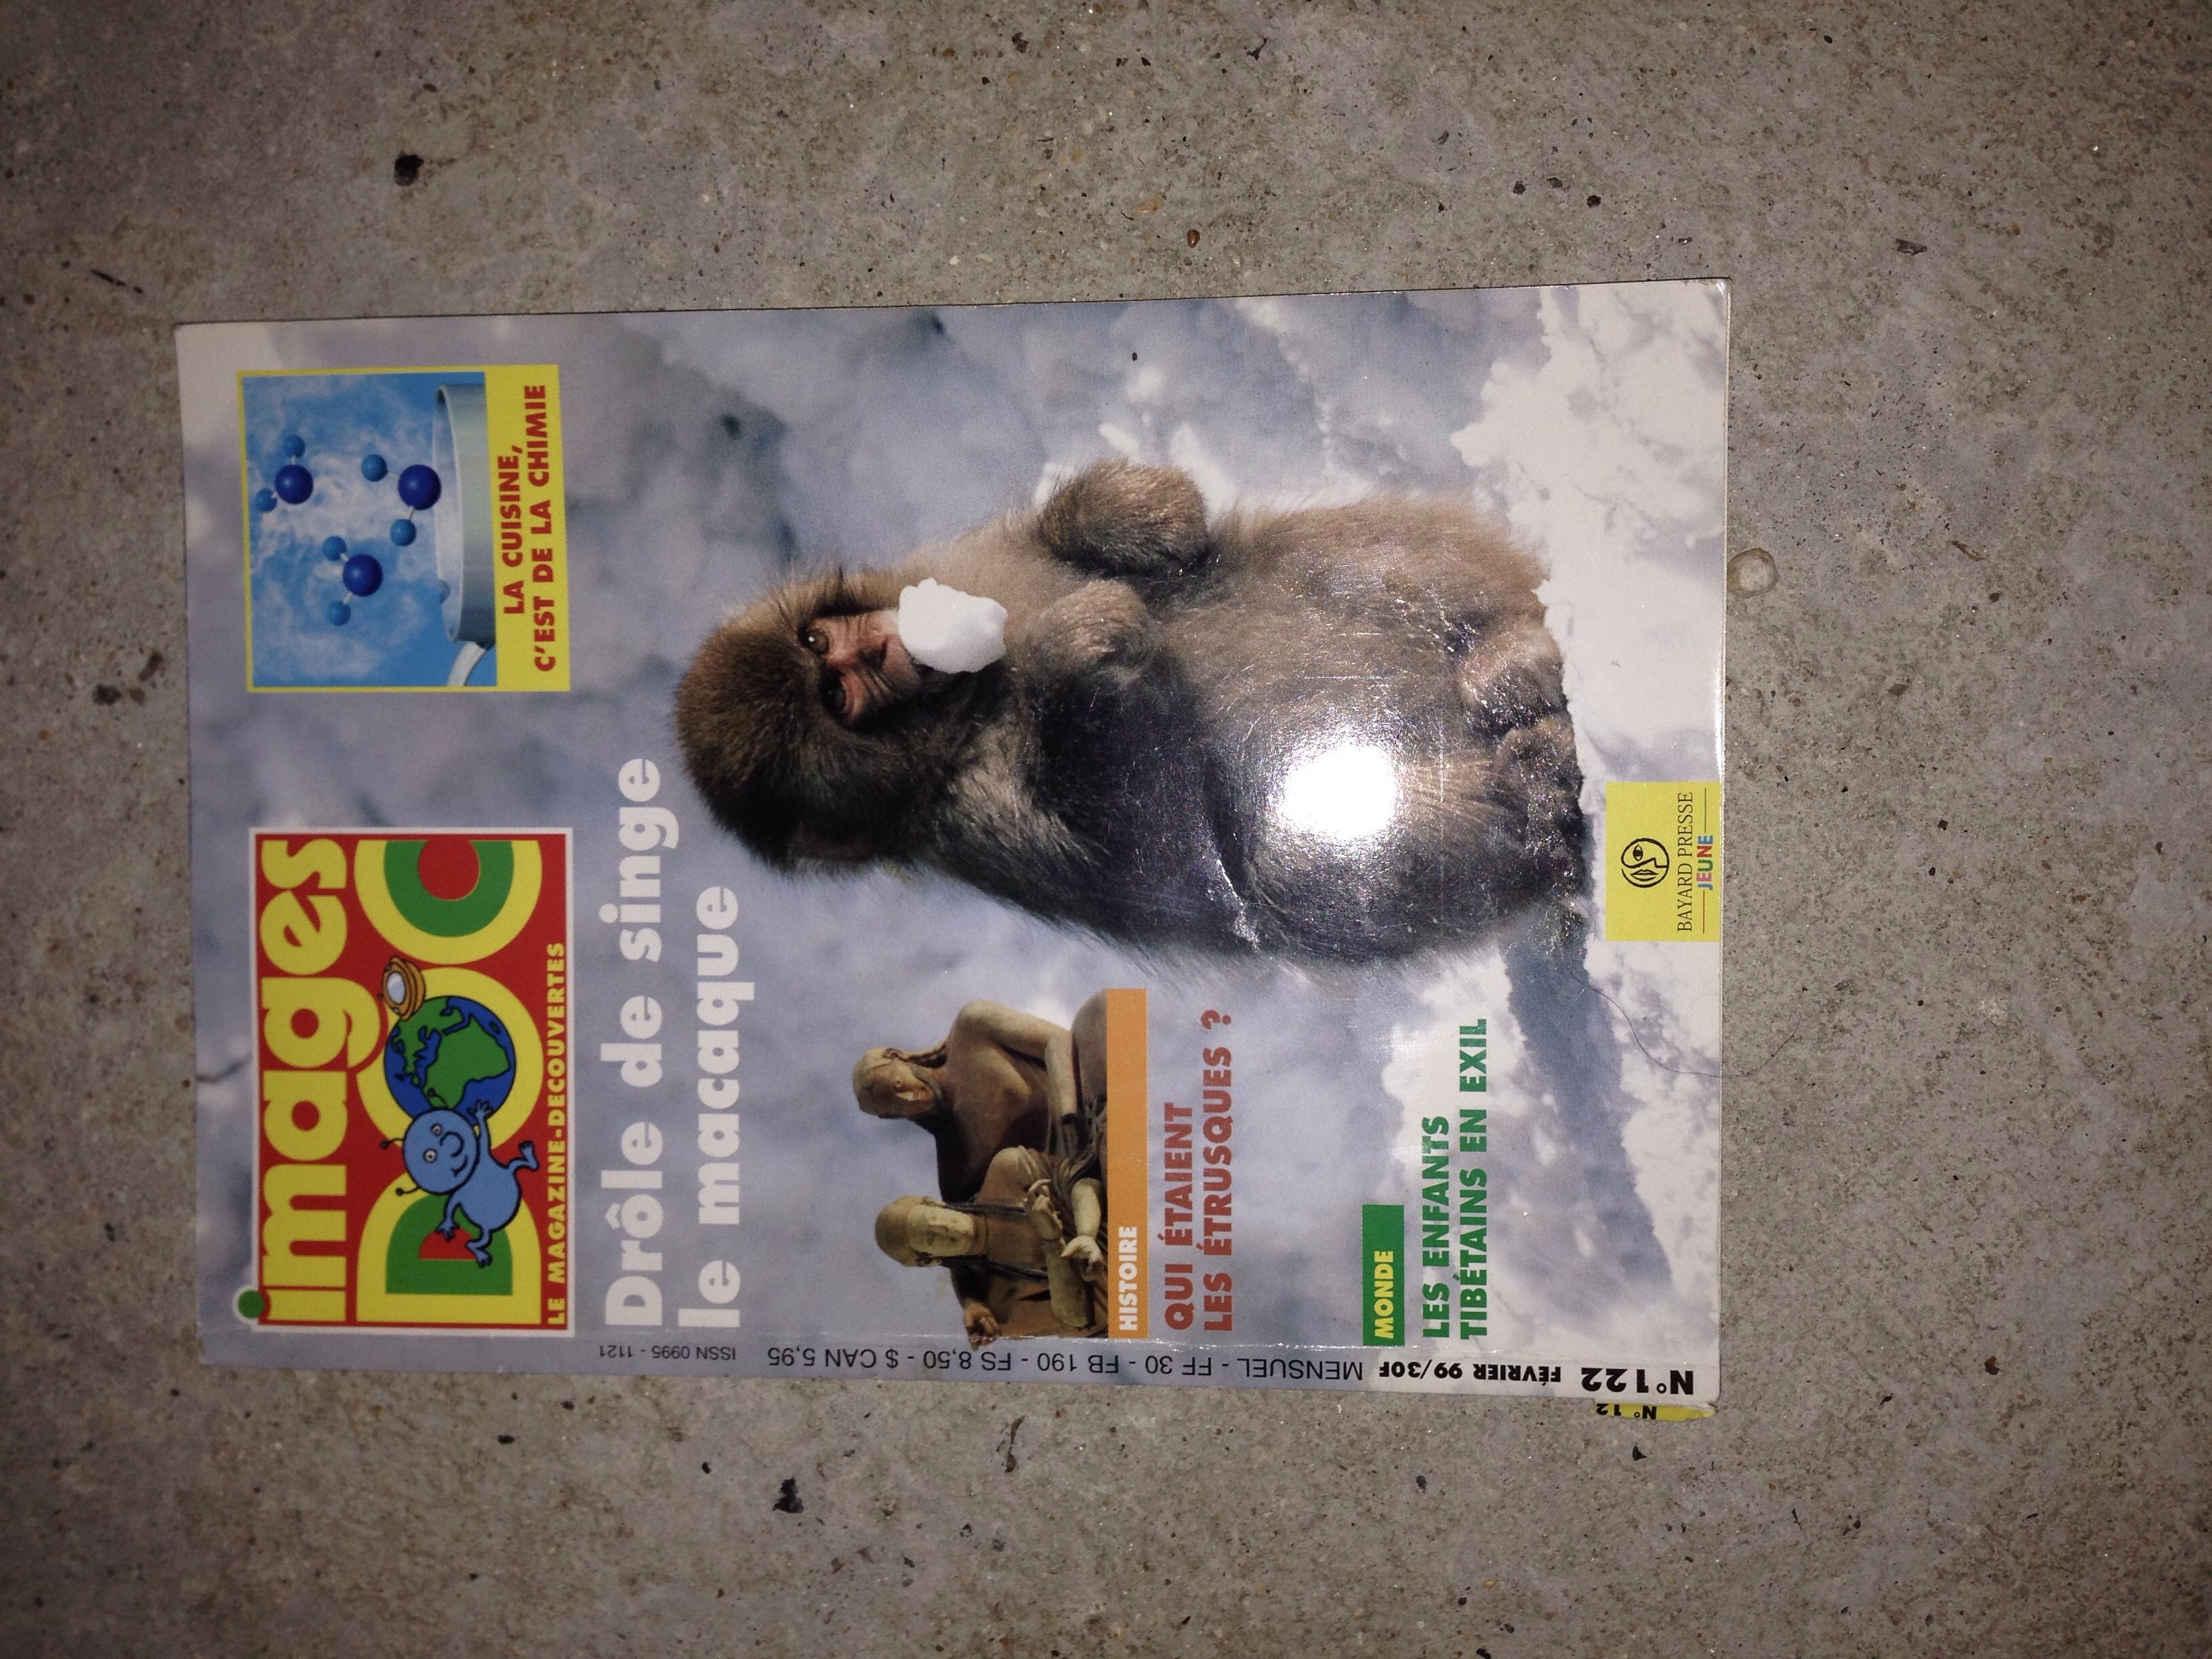 image doc drôle de singe le macaque 1 Valmondois (95)